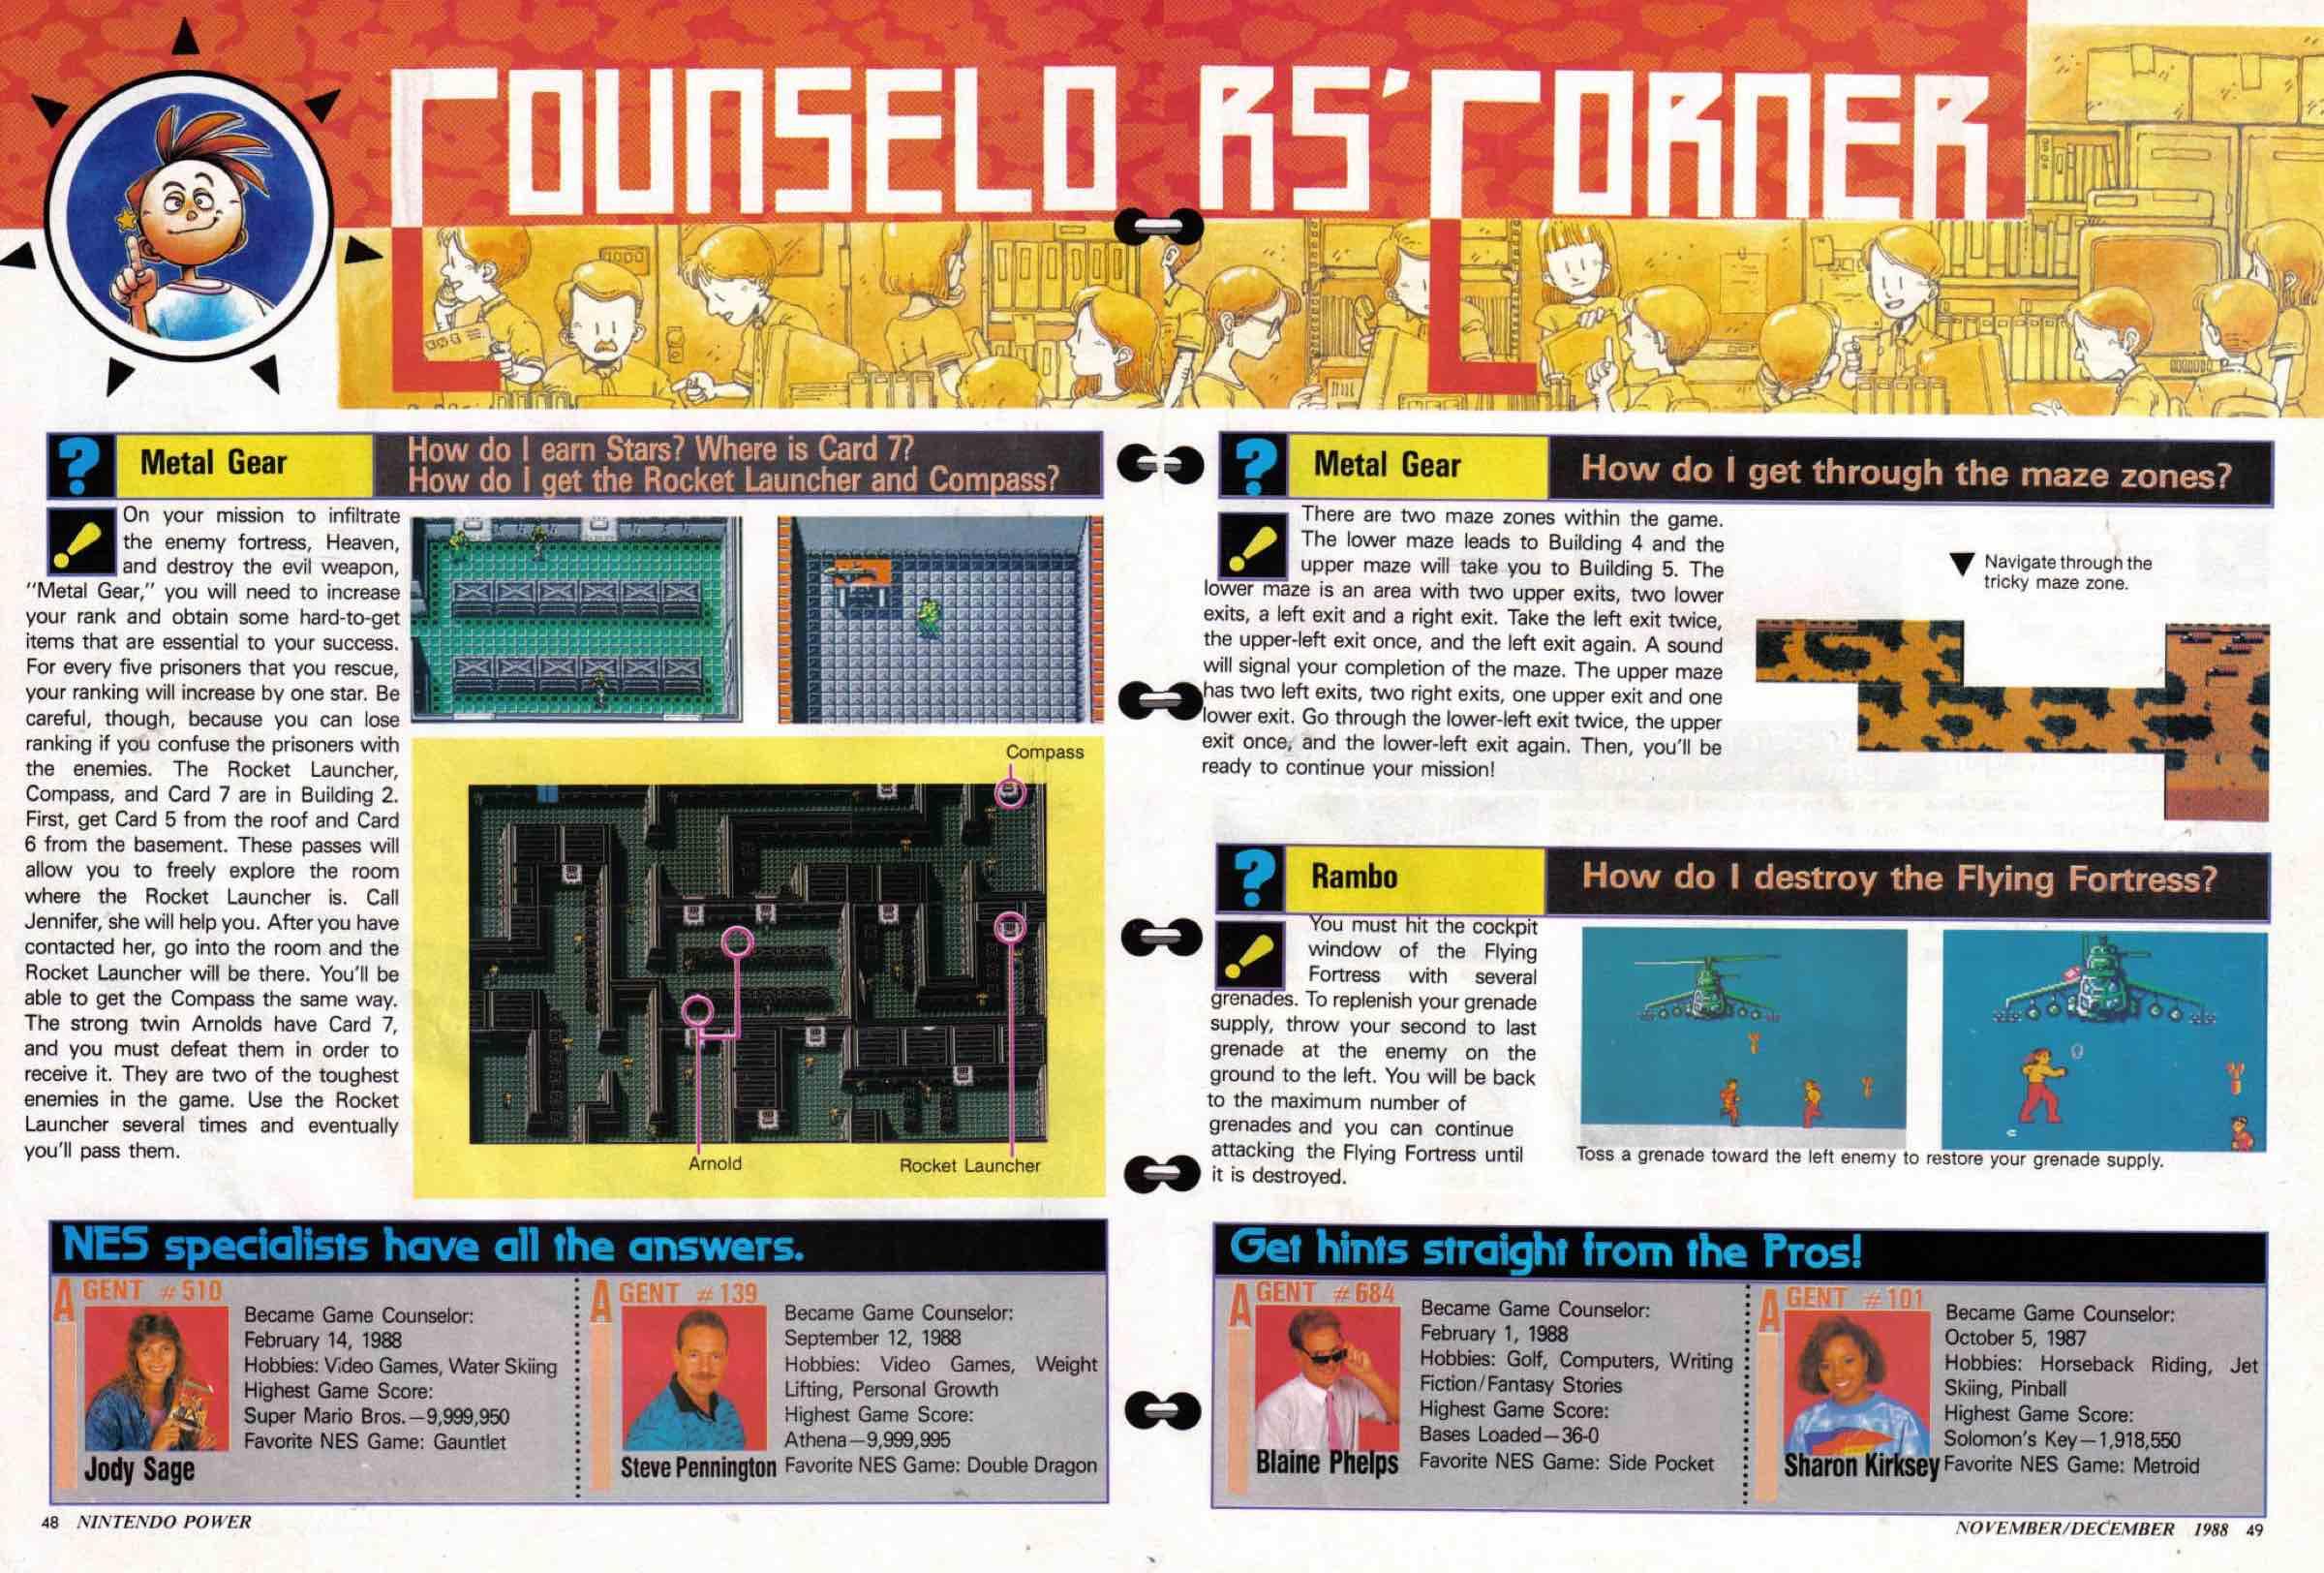 Nintendo Power | Nov Dec 1988-48-49